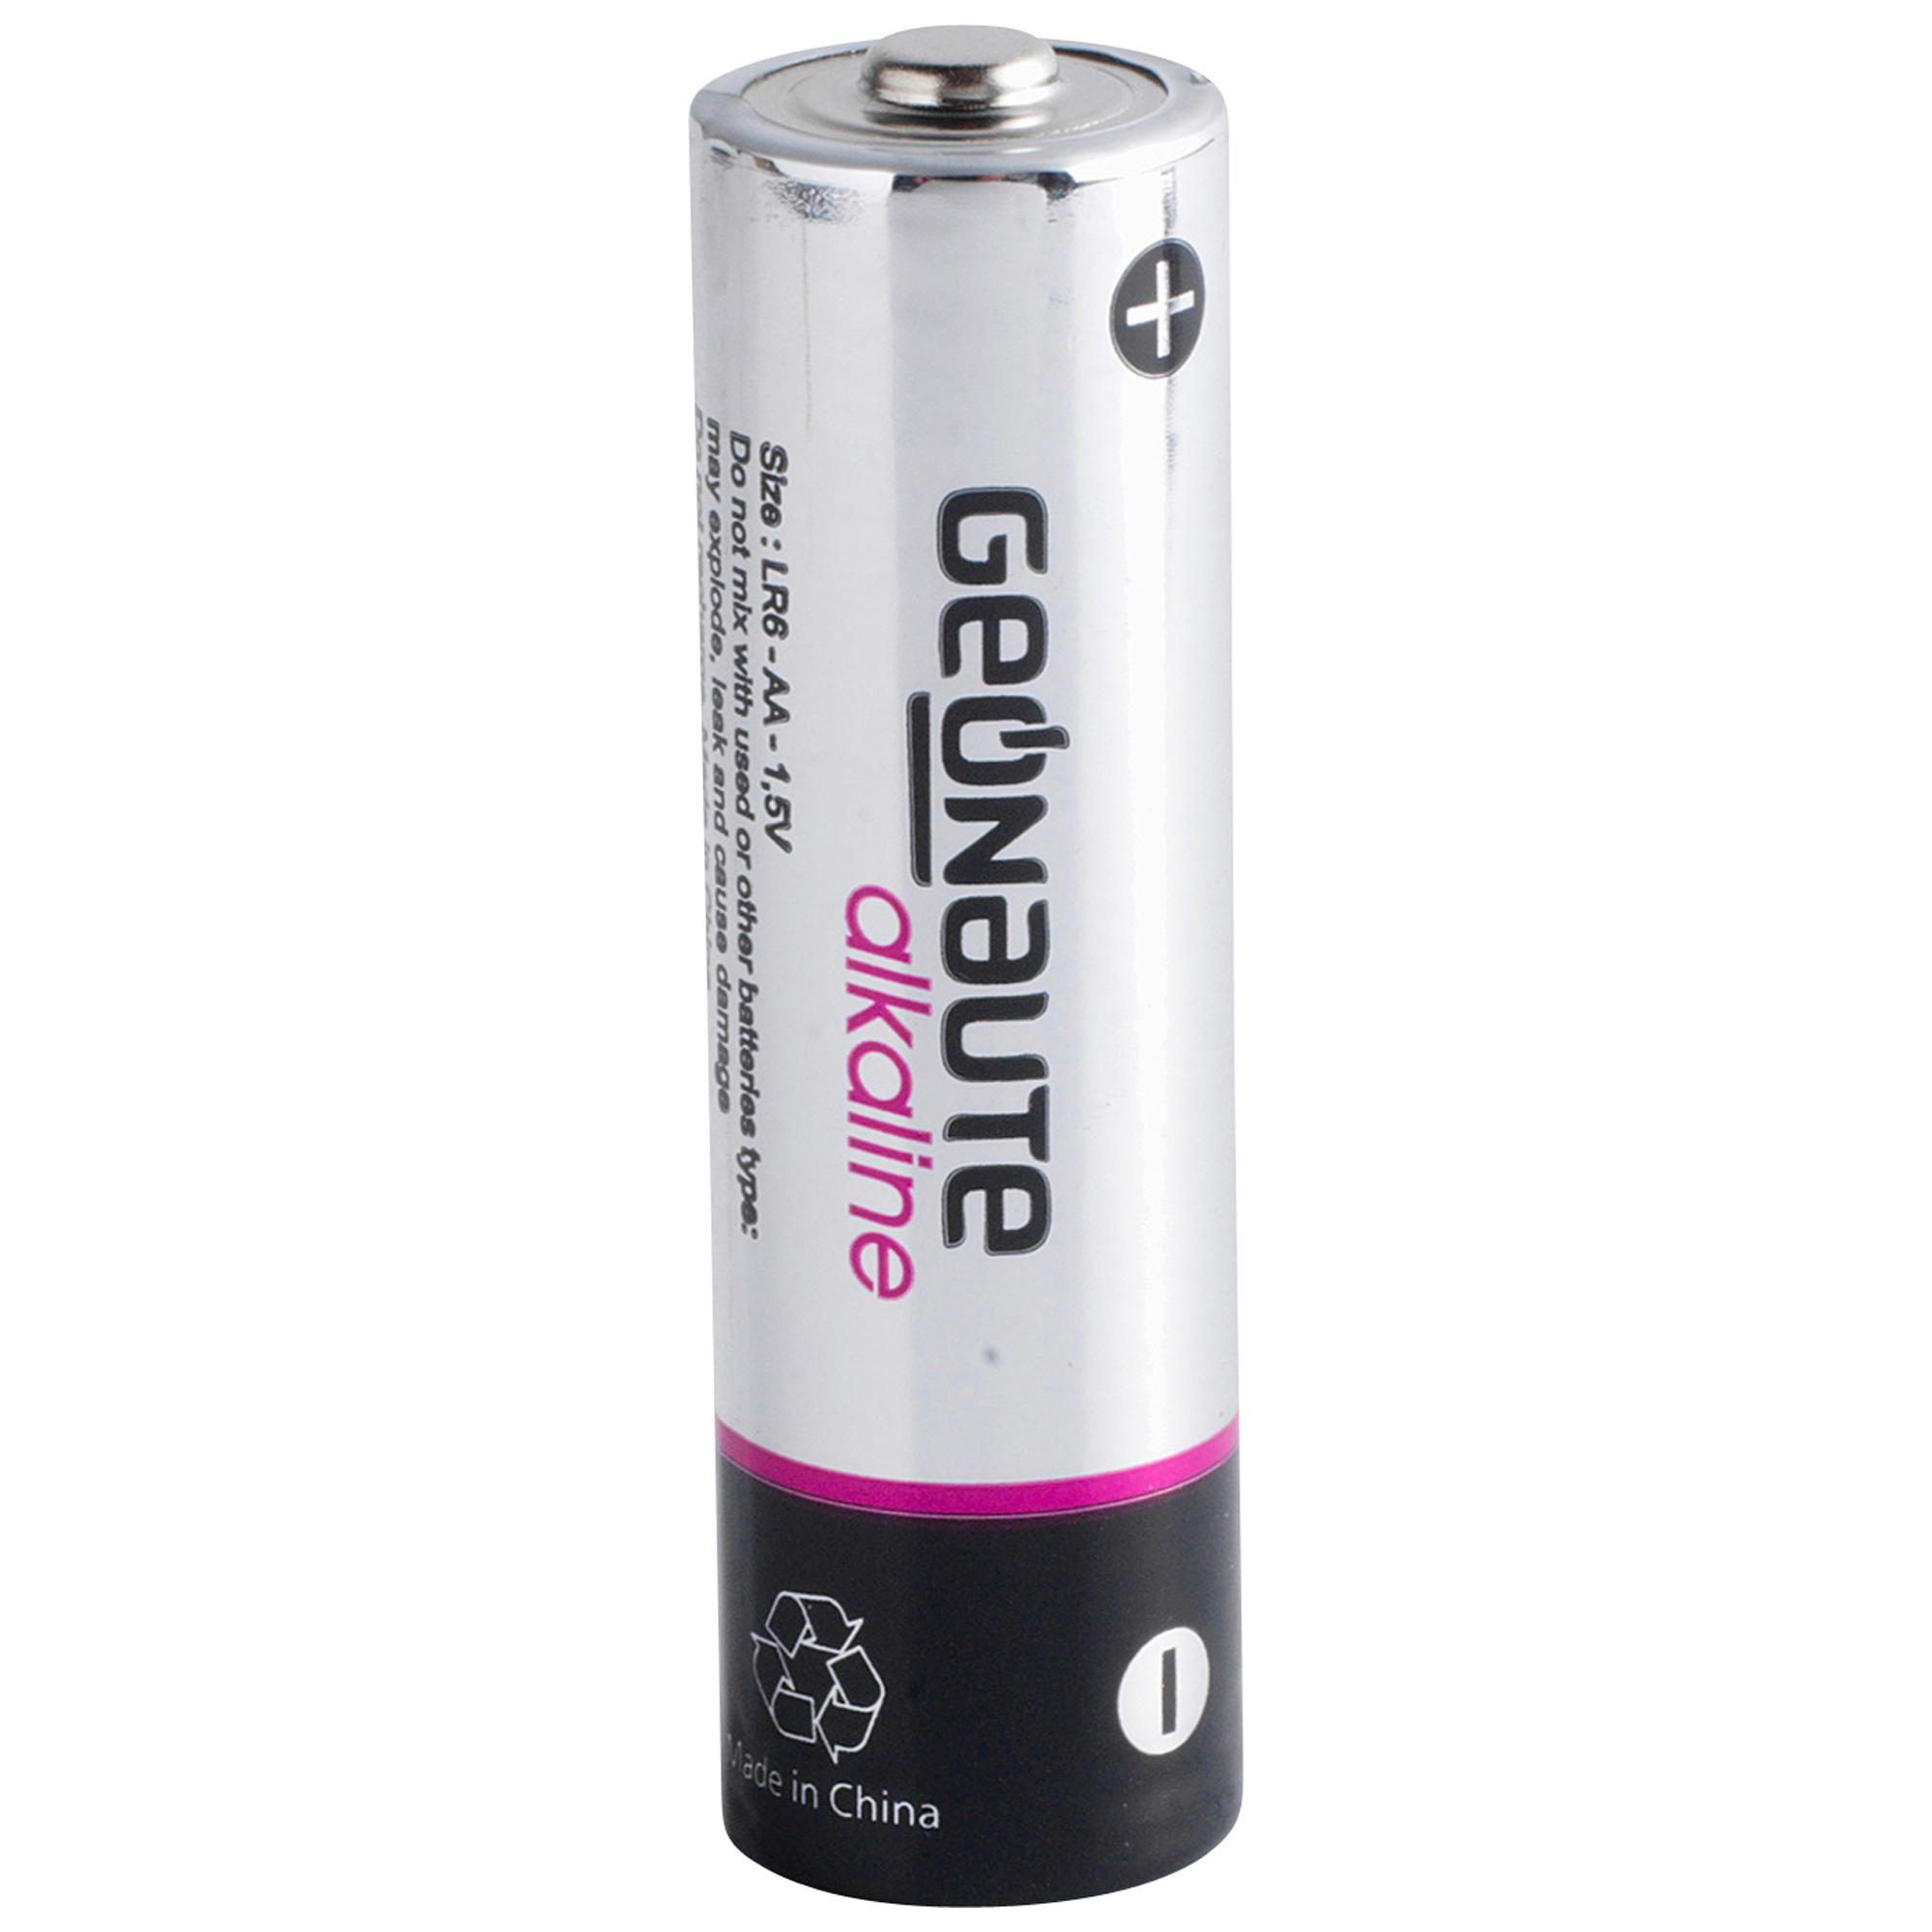 Pack of 12 LR06-AA 1.5V batteries